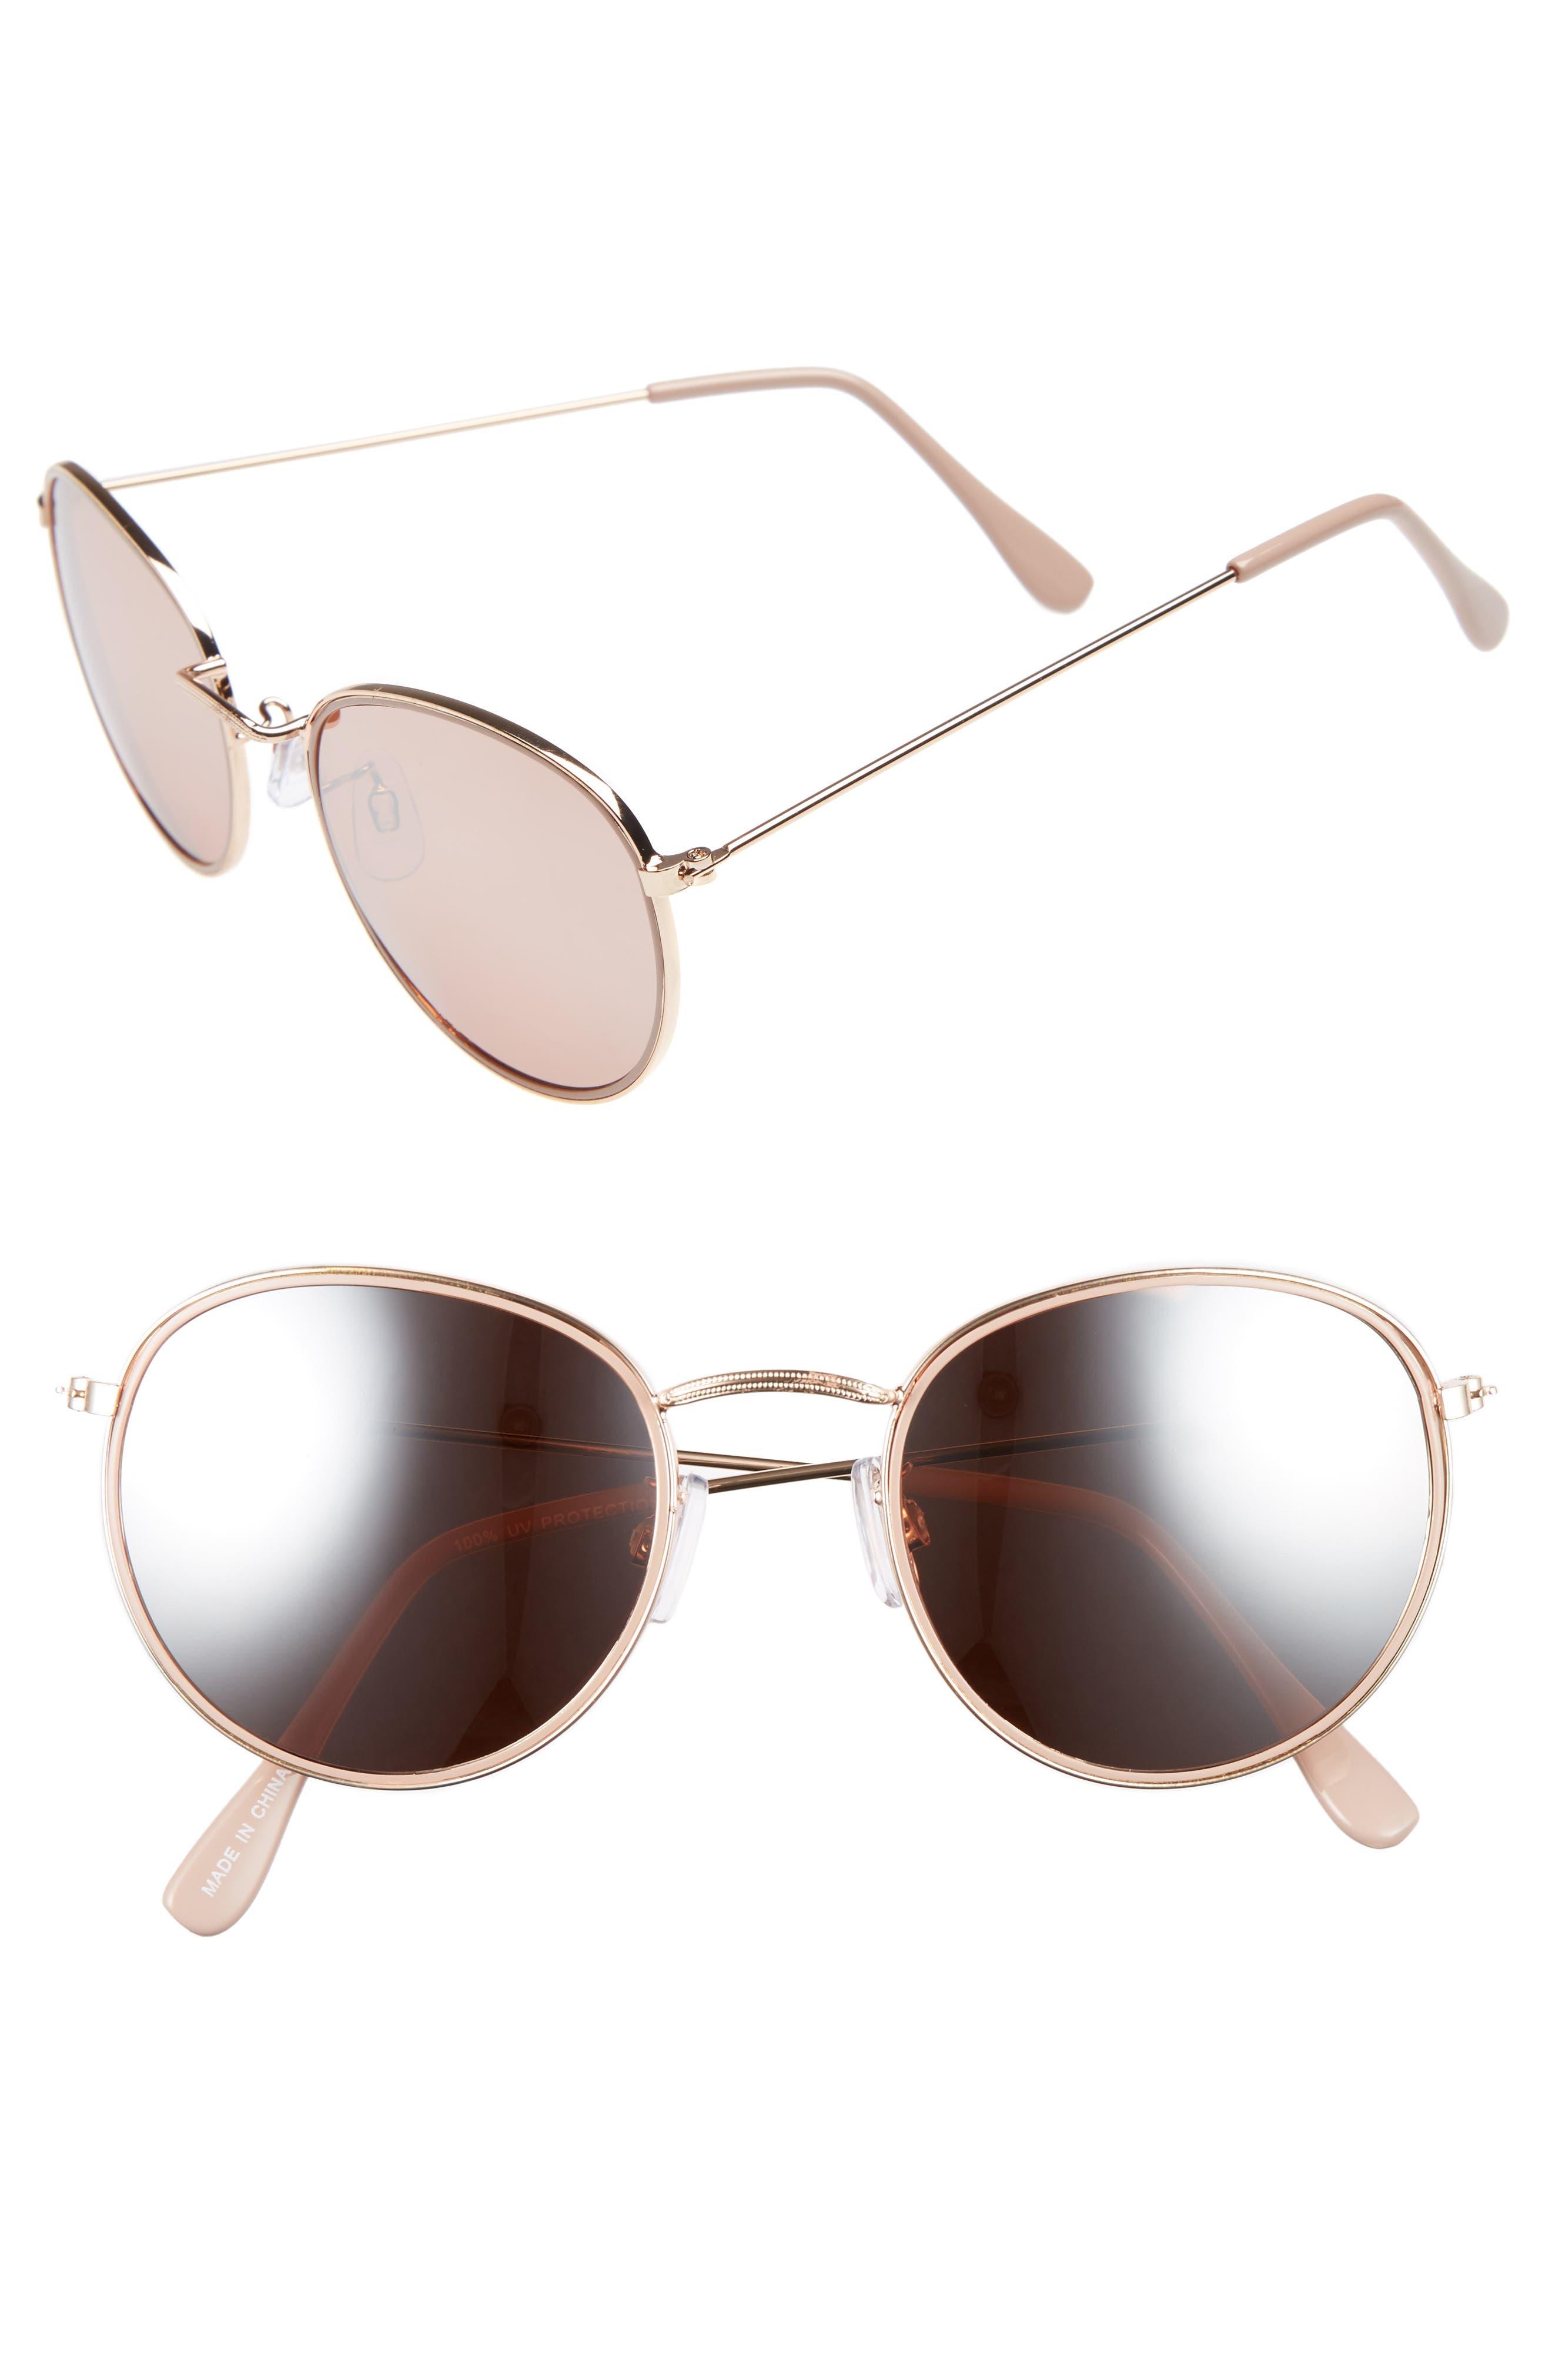 Main Image - BP. 50mm Round Aviator Sunglasses